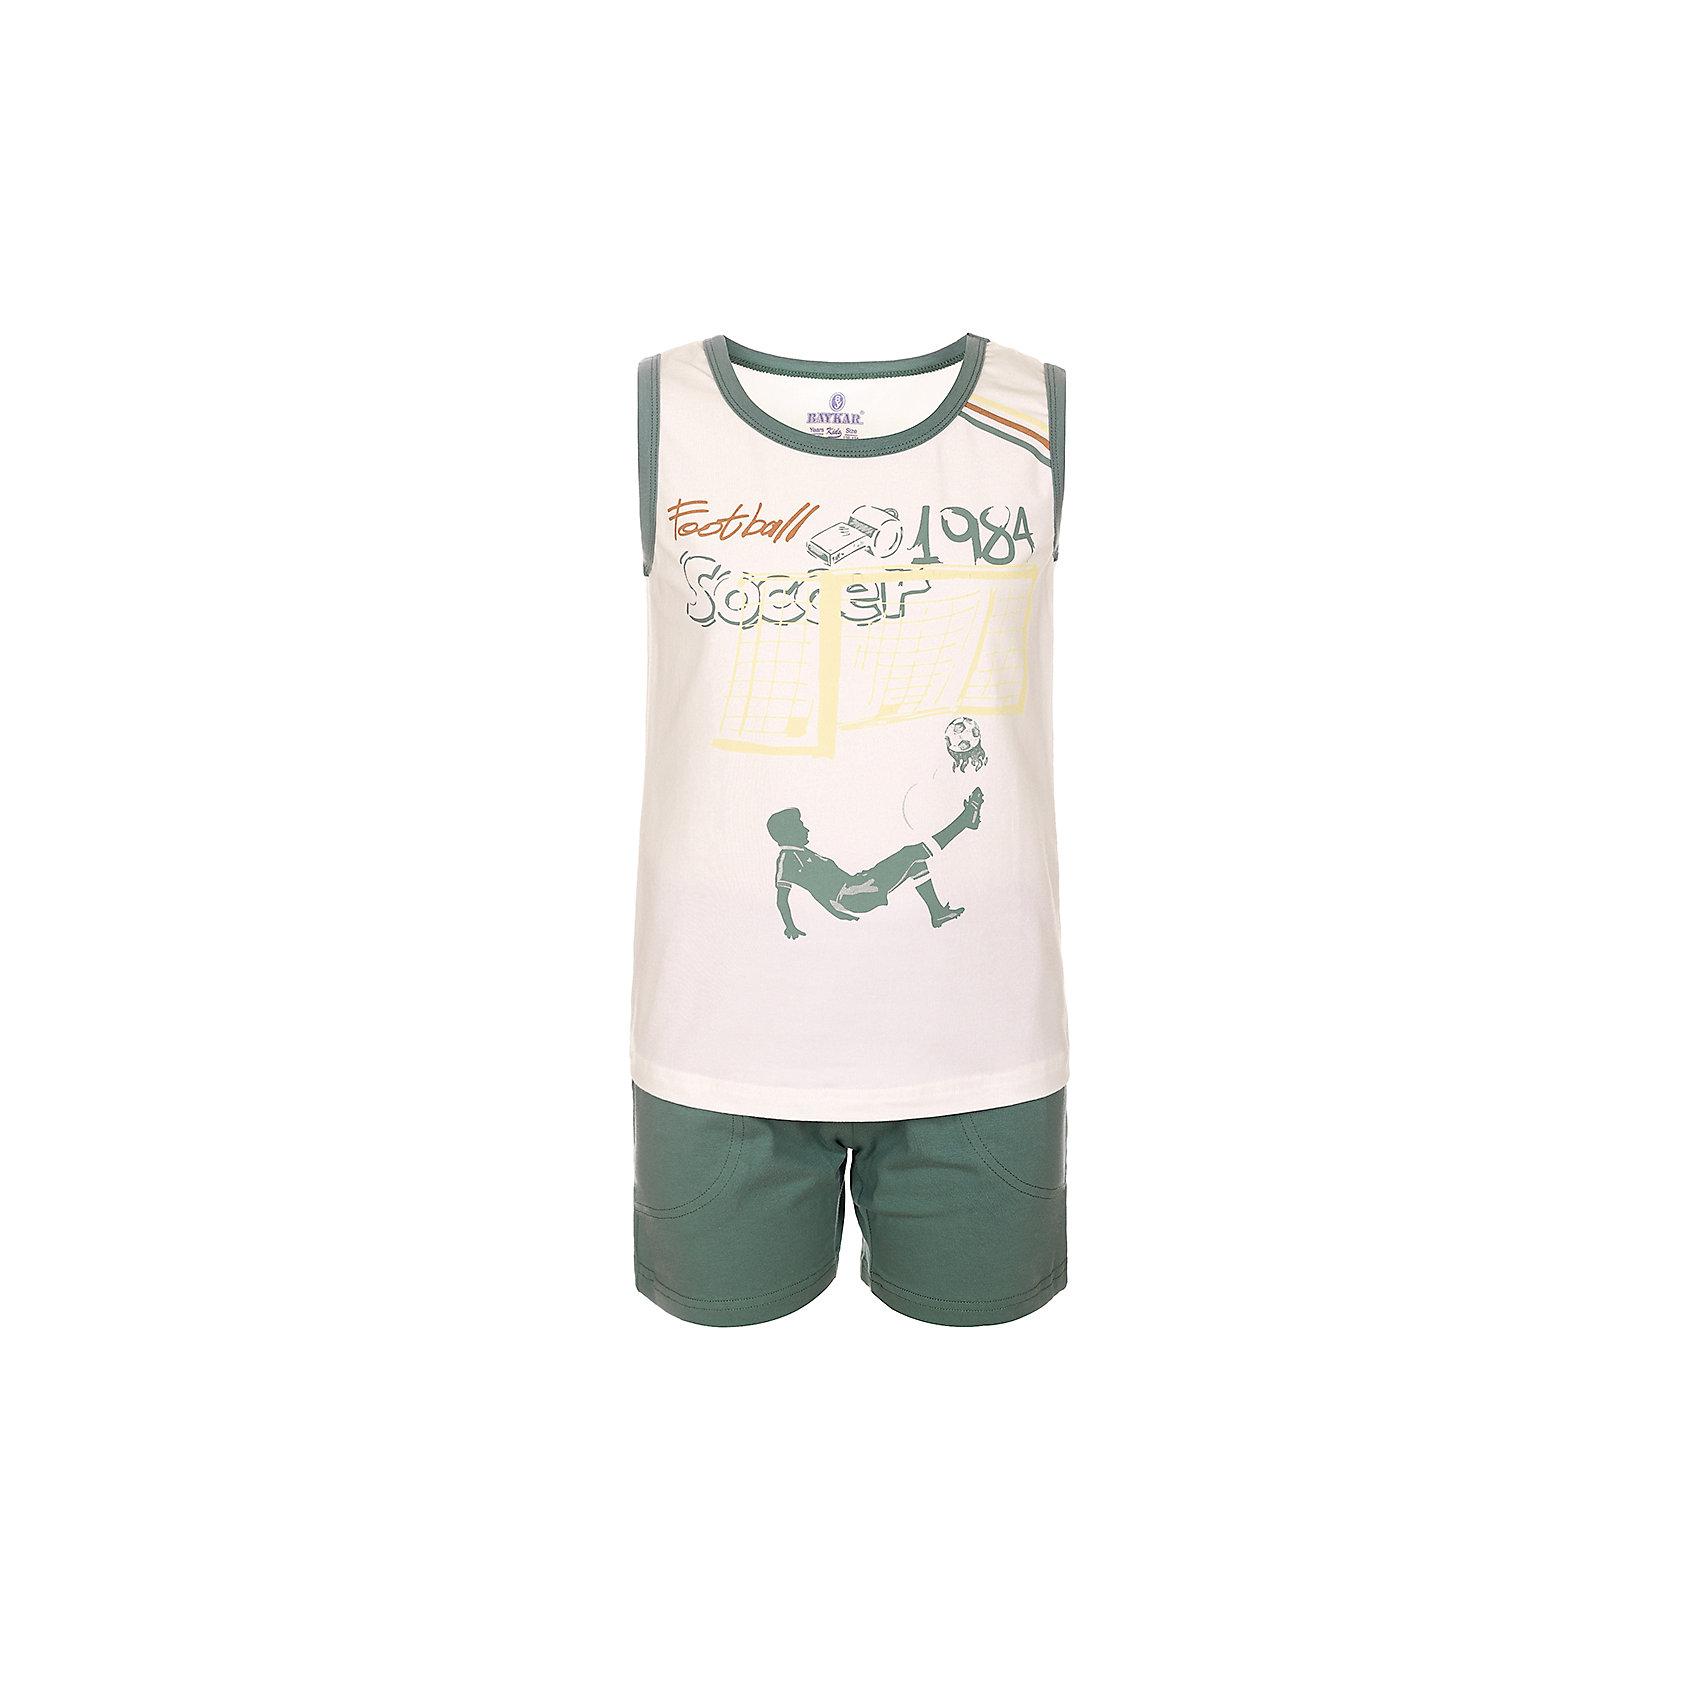 Пижама для мальчика BaykarПижамы и сорочки<br>Характеристики товара:<br><br>• цвет: белый<br>• состав ткани: 95% хлопок; 5% эластан<br>• комплектация: майка, шорты<br>• пояс шорт: резинка<br>• сезон: круглый год<br>• страна бренда: Турция<br>• страна изготовитель: Турция<br><br>Эта пижама для мальчика позволяет обеспечить комфортный сон. Такой комплект для сна состоит из майки и шорт, он сделан из мягкого дышащего материала. <br><br>Продуманный крой обеспечивает комфортную посадку. Пижама для мальчика Baykar украшена симпатичным принтом.<br><br>Пижаму для мальчикаBaykar (Байкар) можно купить в нашем интернет-магазине.<br><br>Ширина мм: 281<br>Глубина мм: 70<br>Высота мм: 188<br>Вес г: 295<br>Цвет: белый<br>Возраст от месяцев: 108<br>Возраст до месяцев: 120<br>Пол: Мужской<br>Возраст: Детский<br>Размер: 134/140,140/146,122/128,128/134<br>SKU: 6764916